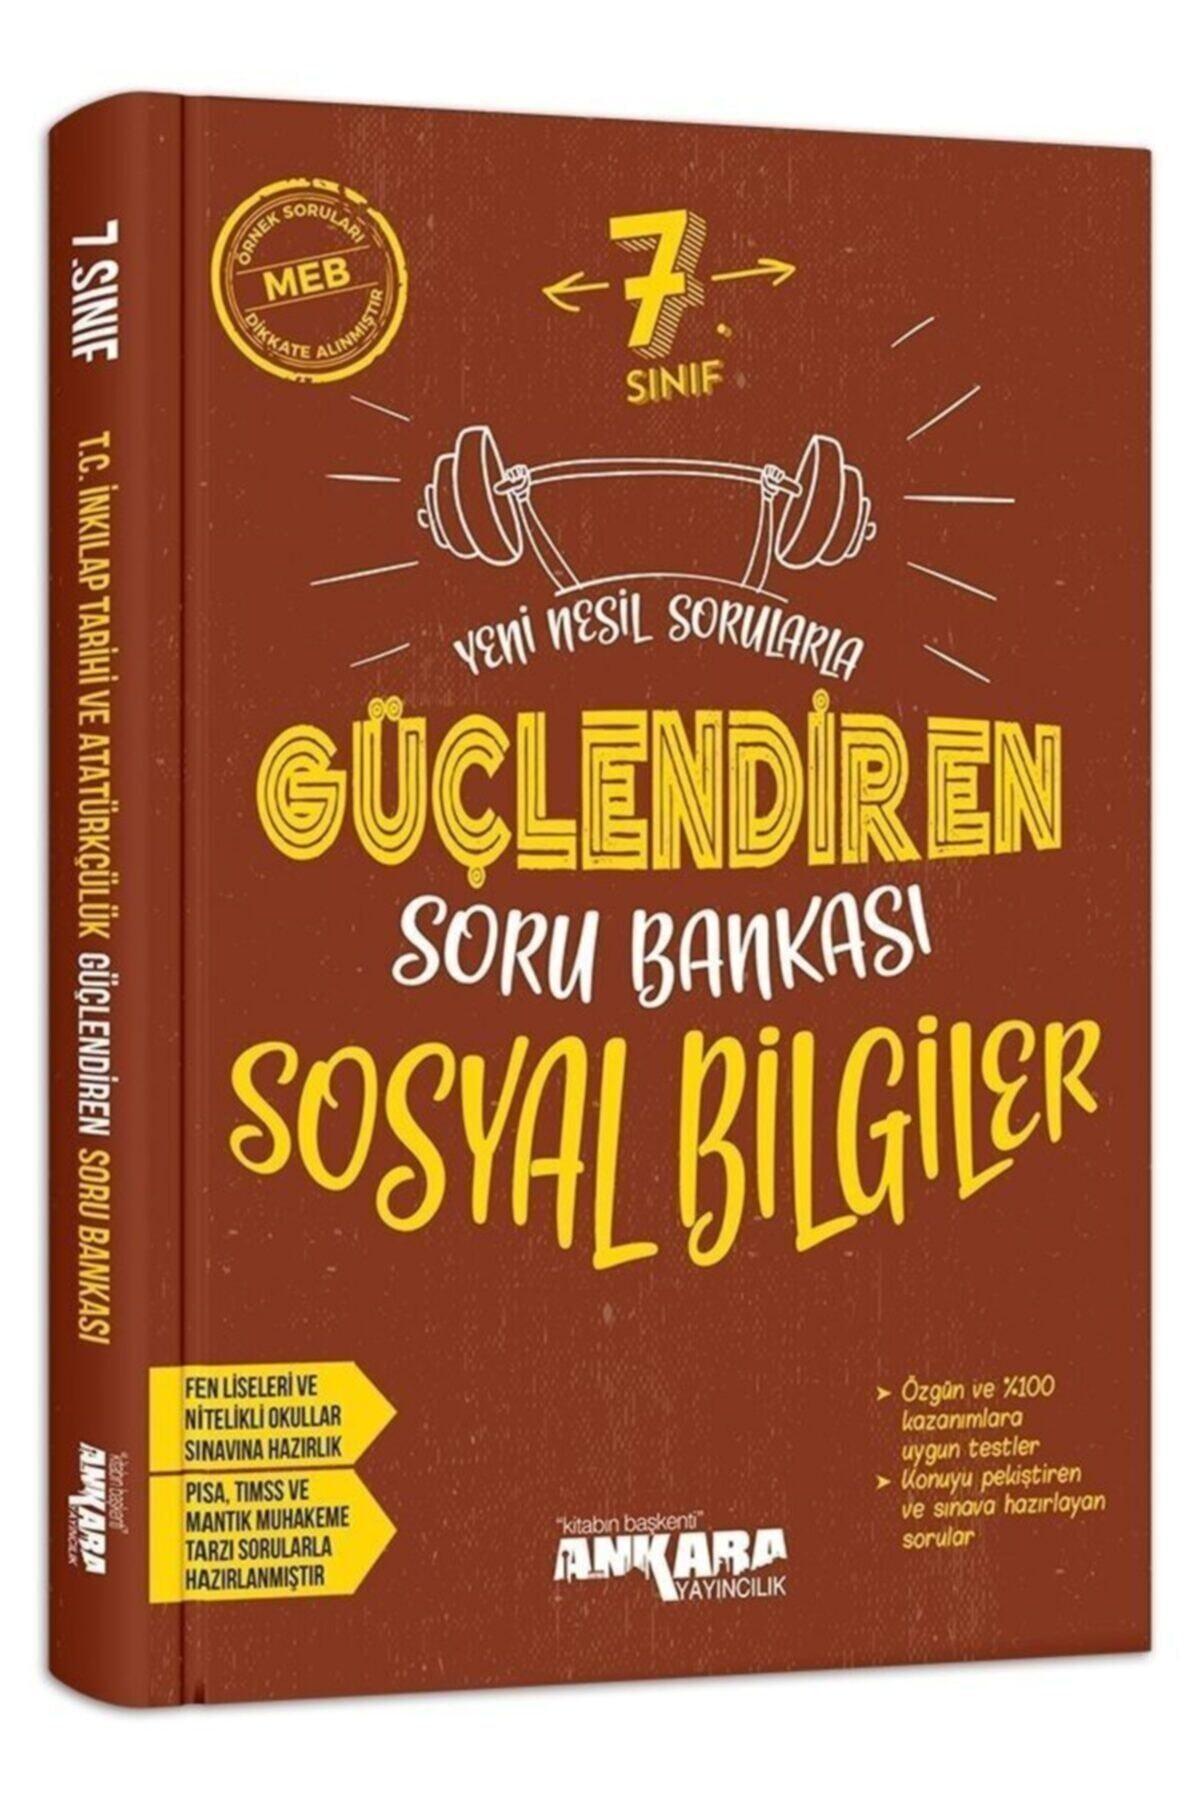 Ankara Yayıncılık 7. Sınıf Sosyal Bilgiler Güçlendiren Soru Bankası 1